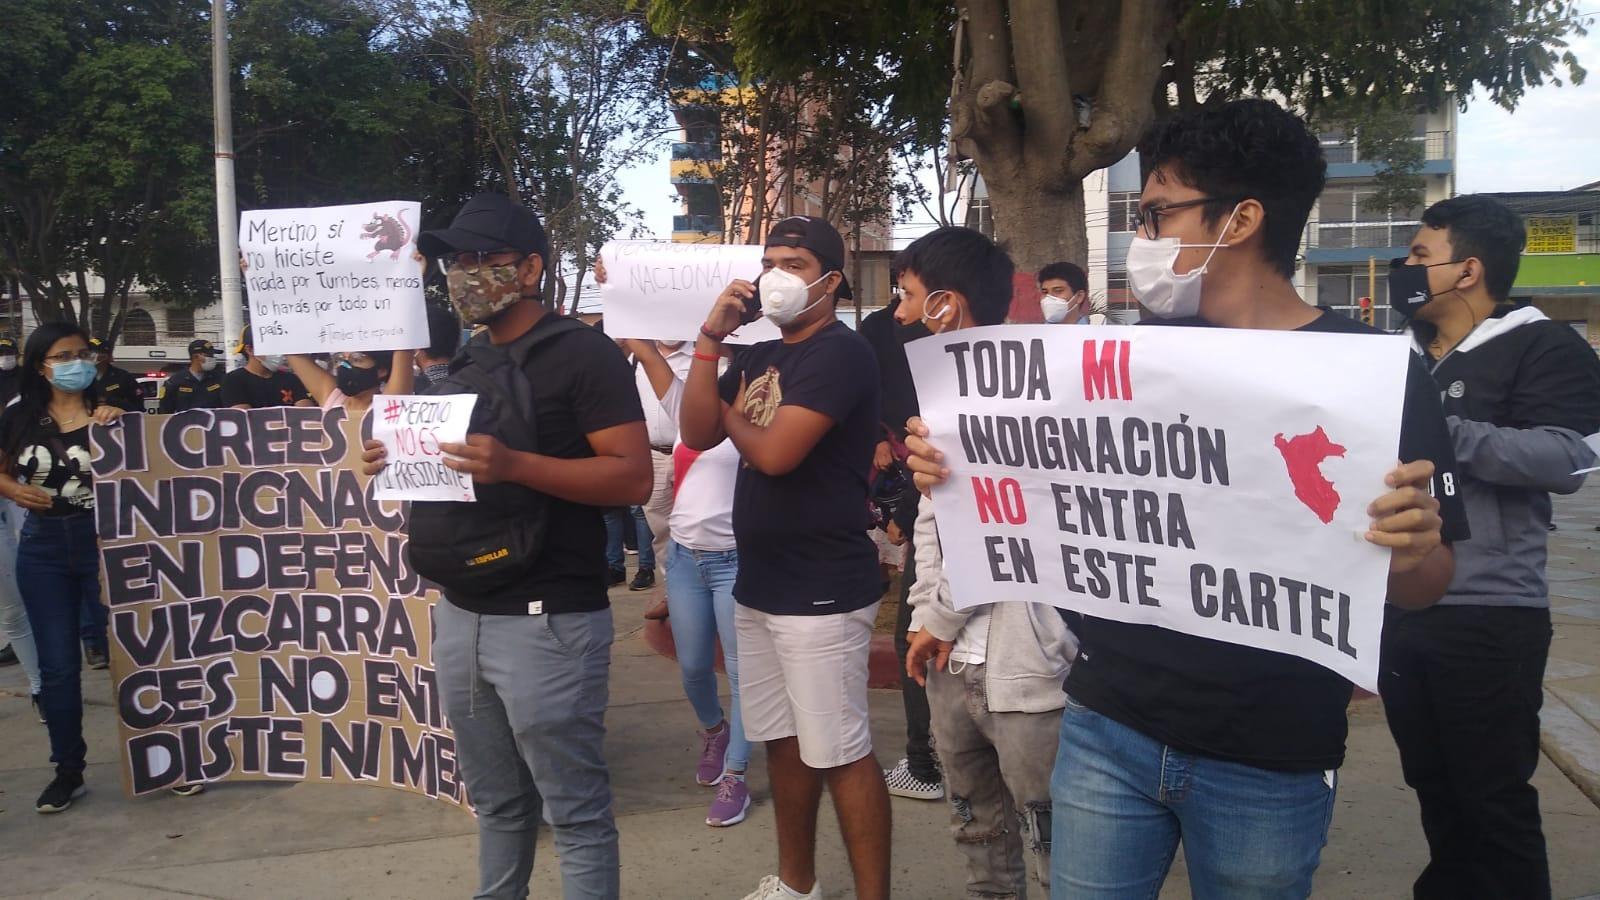 En su mayoría fueron jóvenes estudiantes, quienes se sumaron a la marcha nacional.